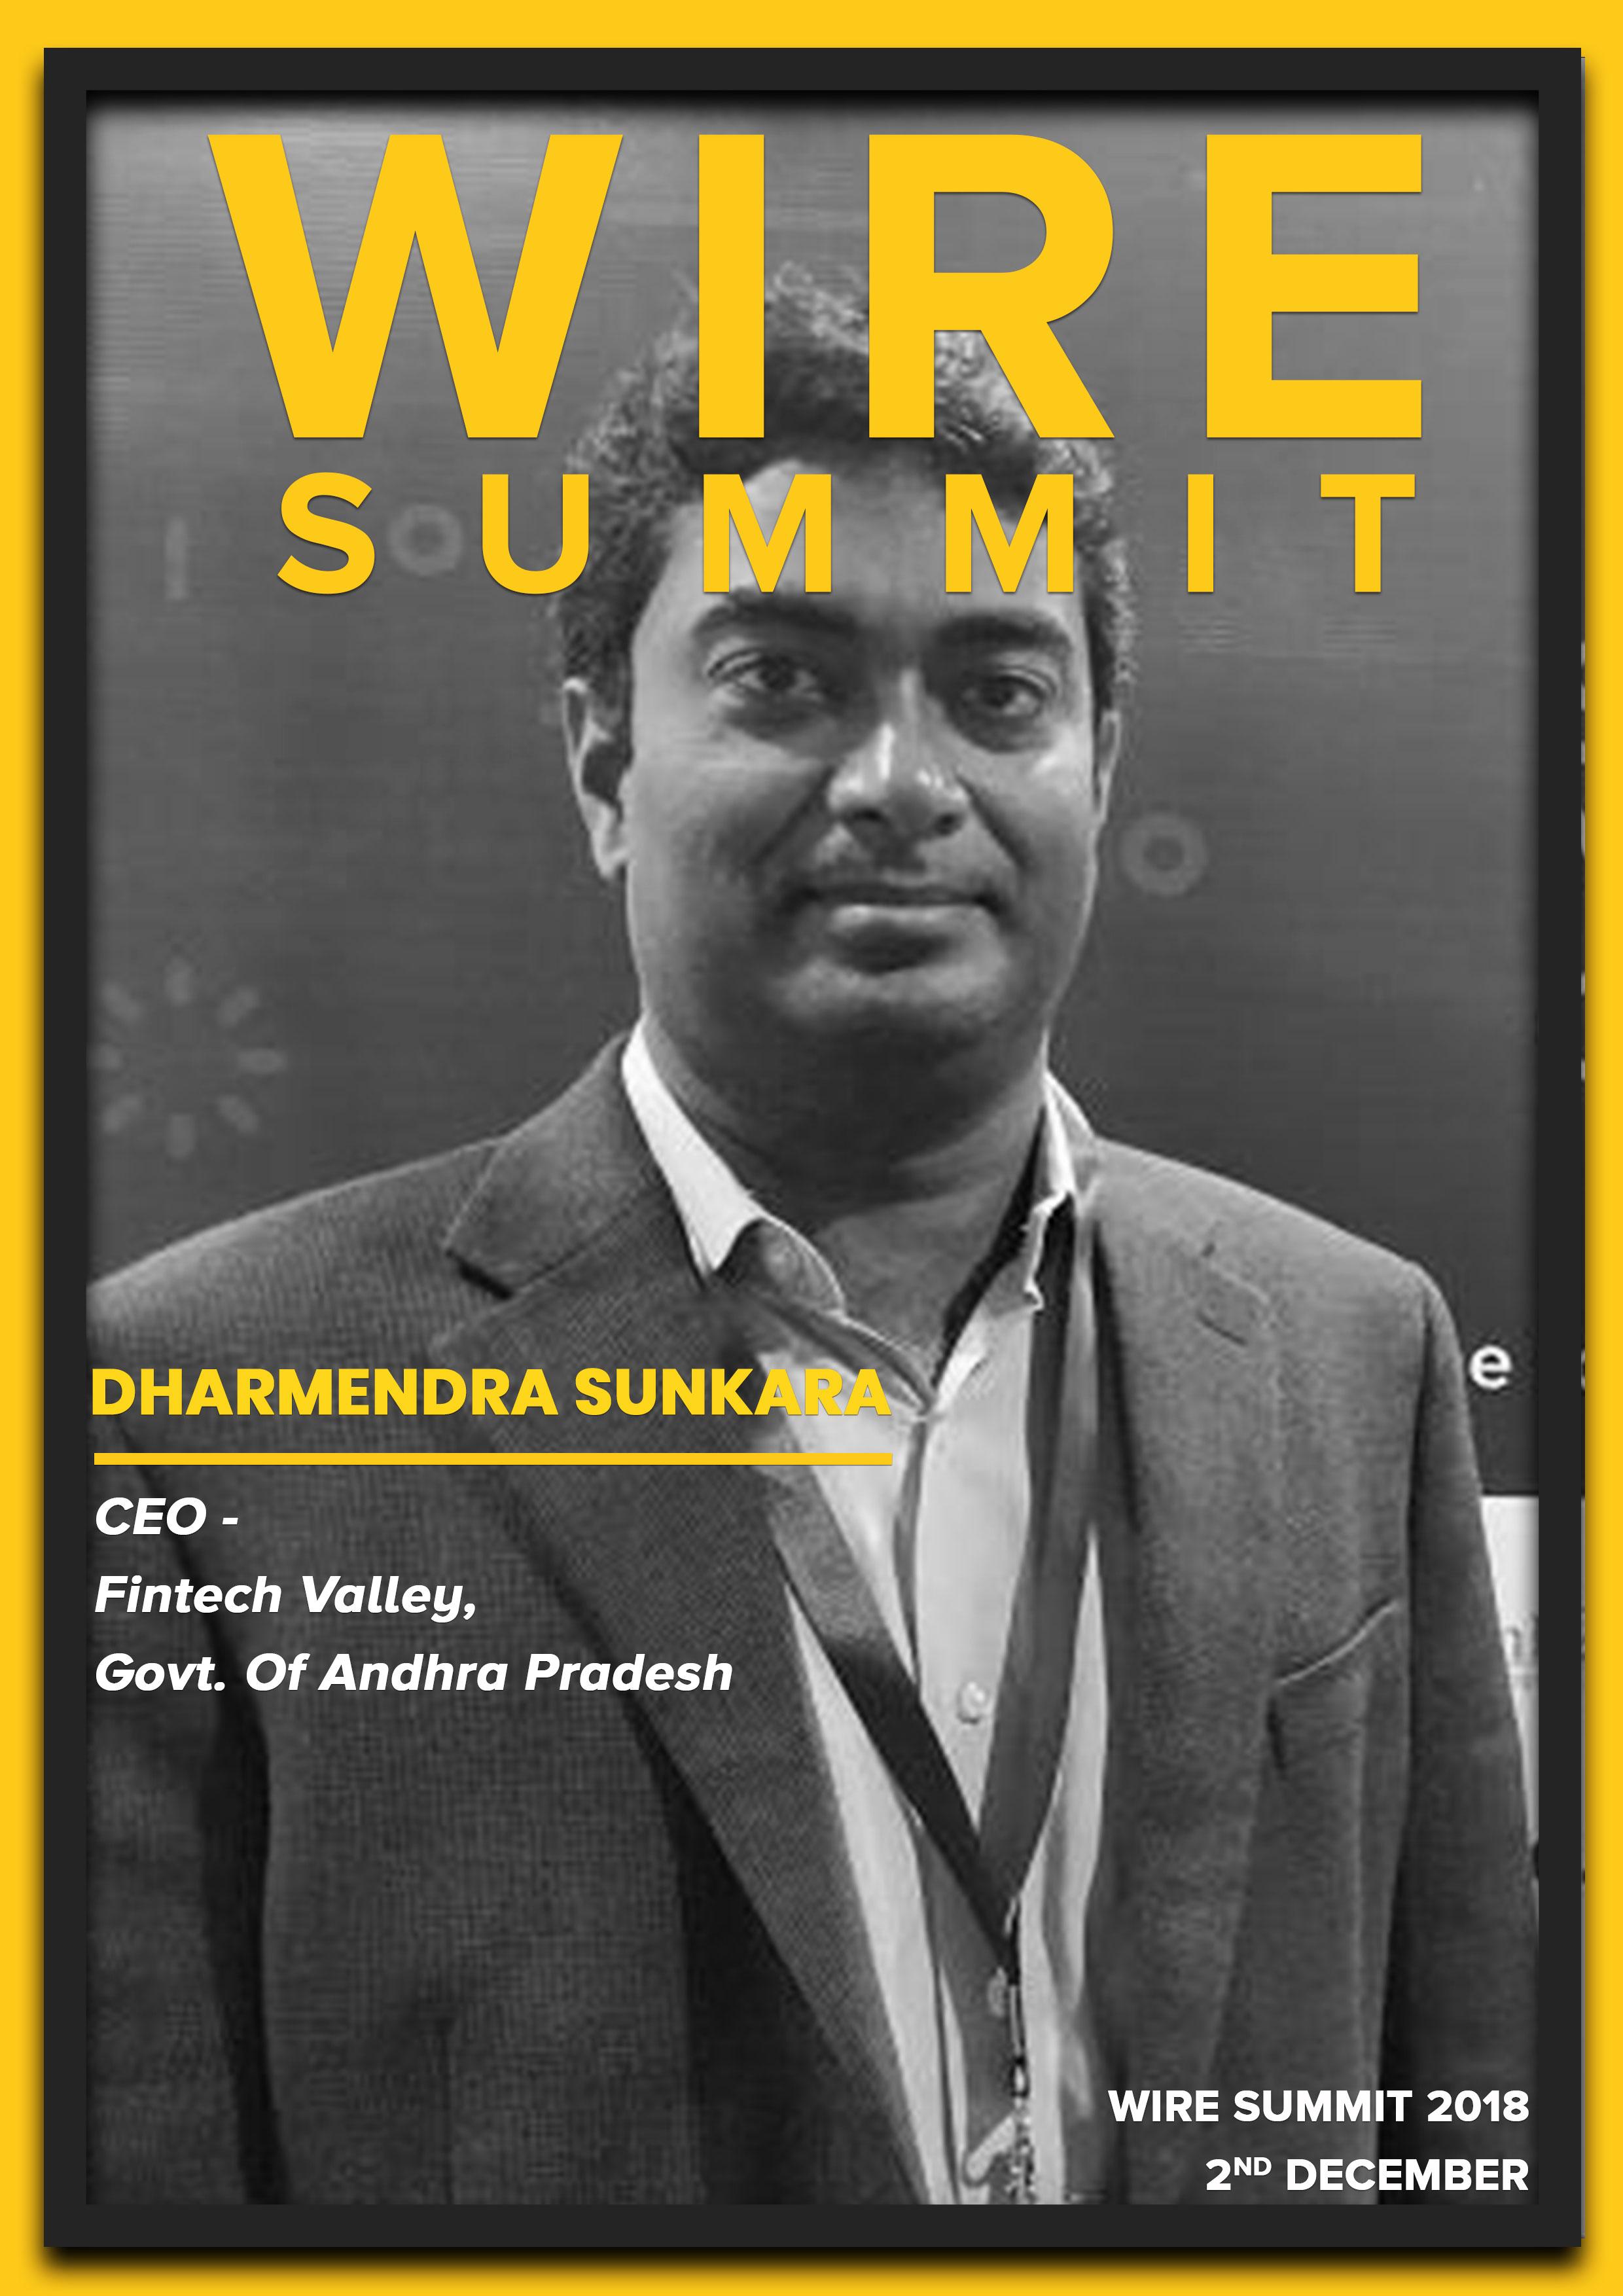 Dharmendra Sunkara